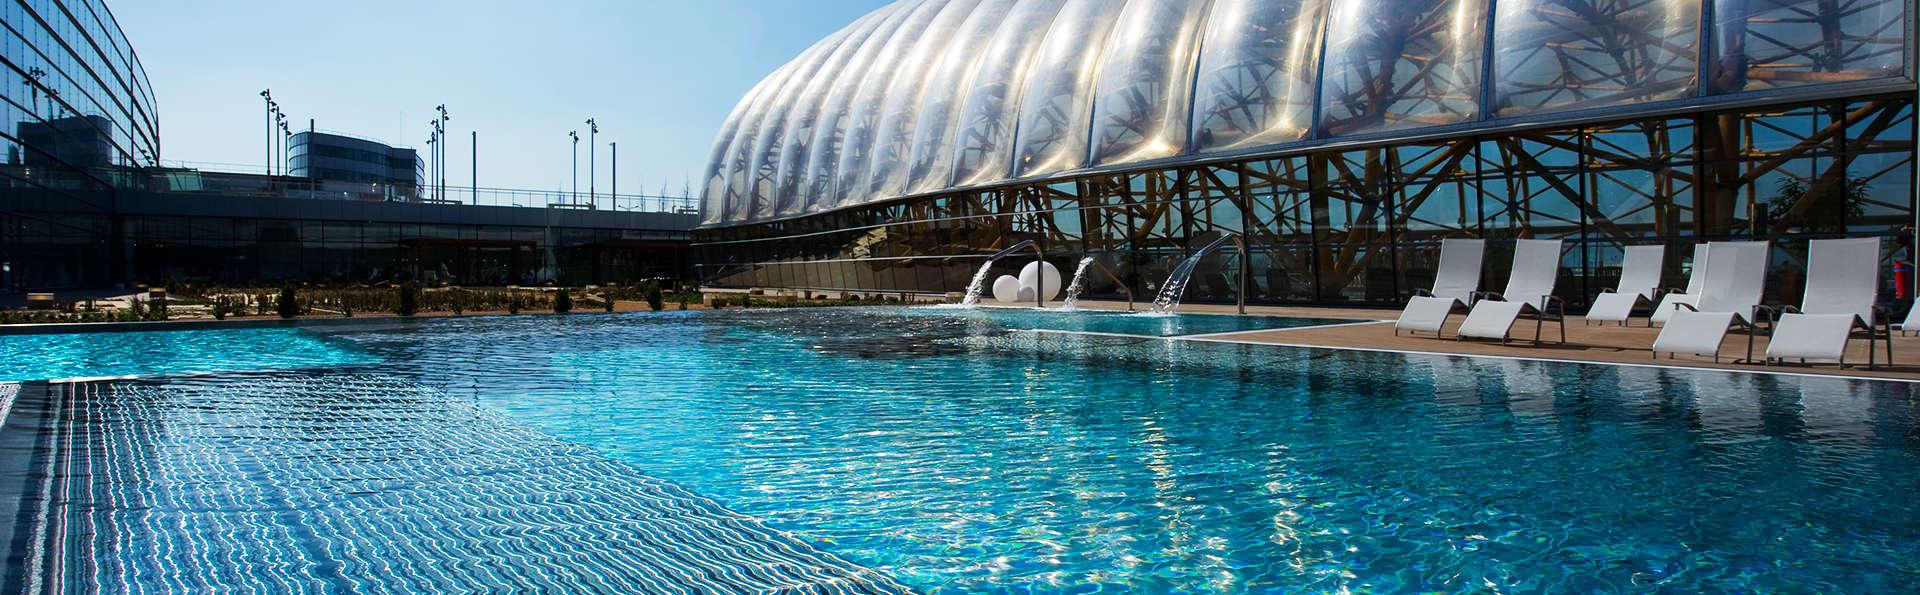 Bienestar y diversión en un parque acuático cerca de Annecy (limitado a 1 sesión/persona)